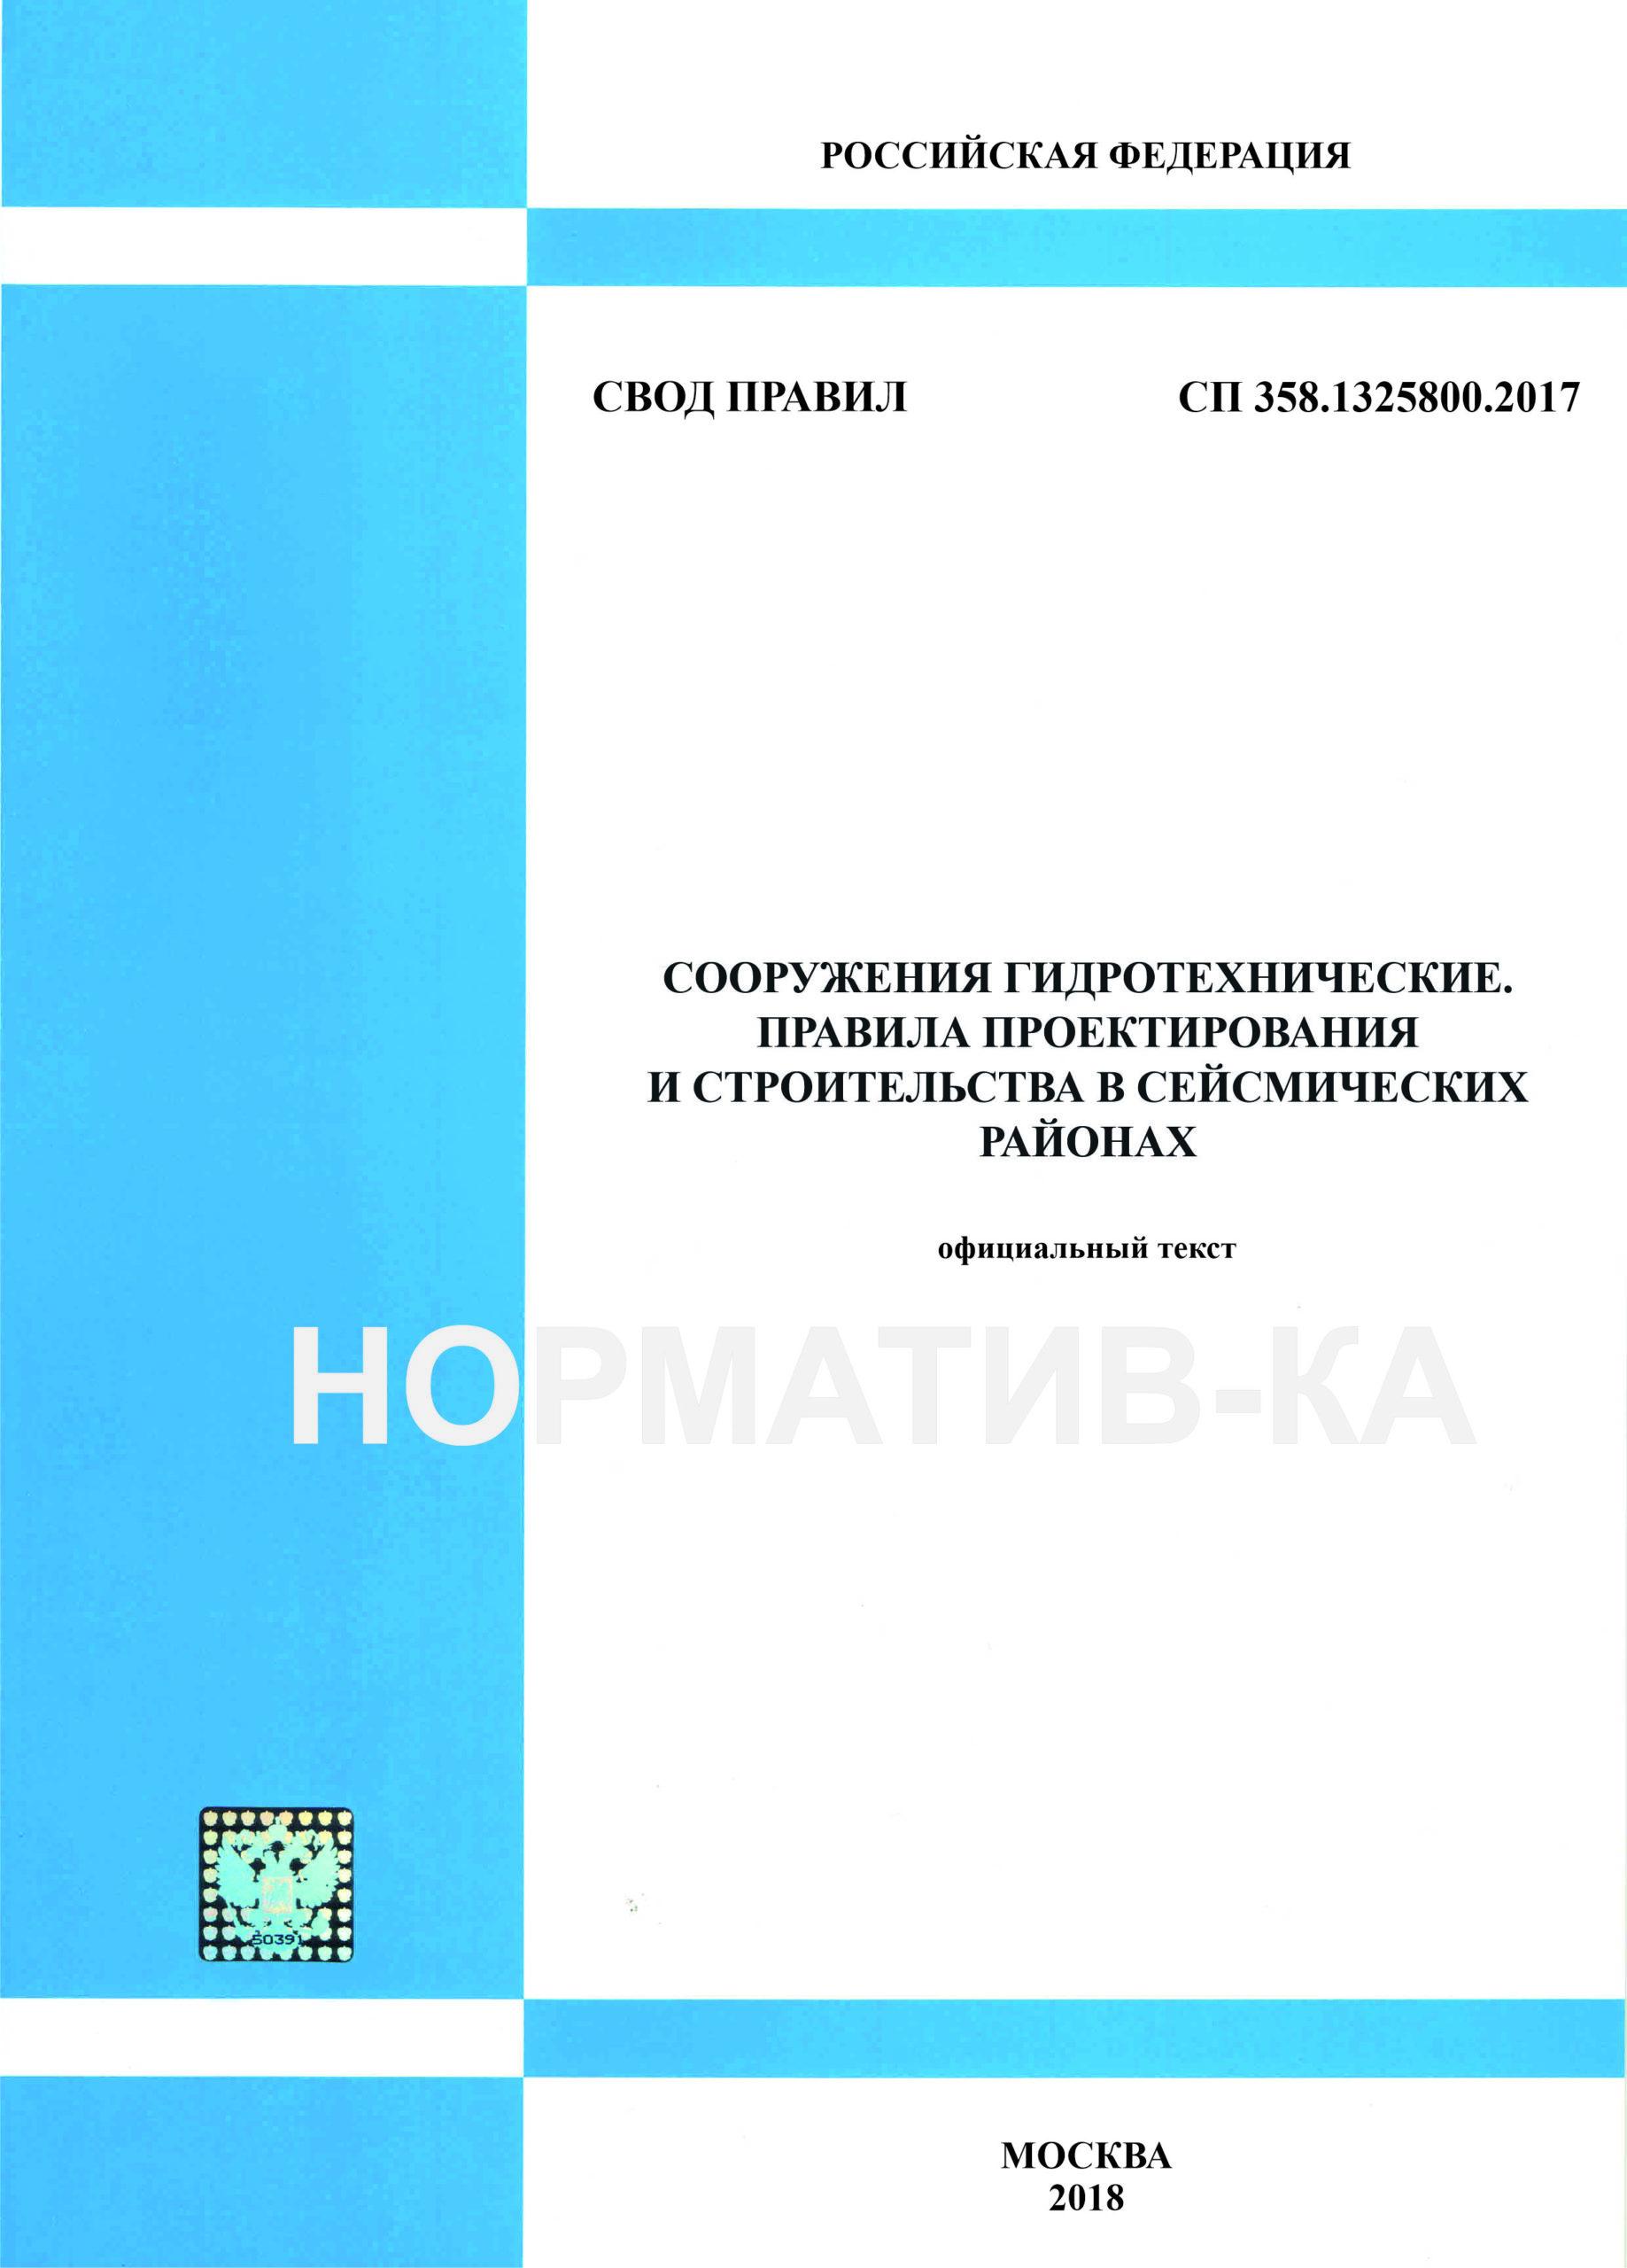 СП 358.1325800.2017